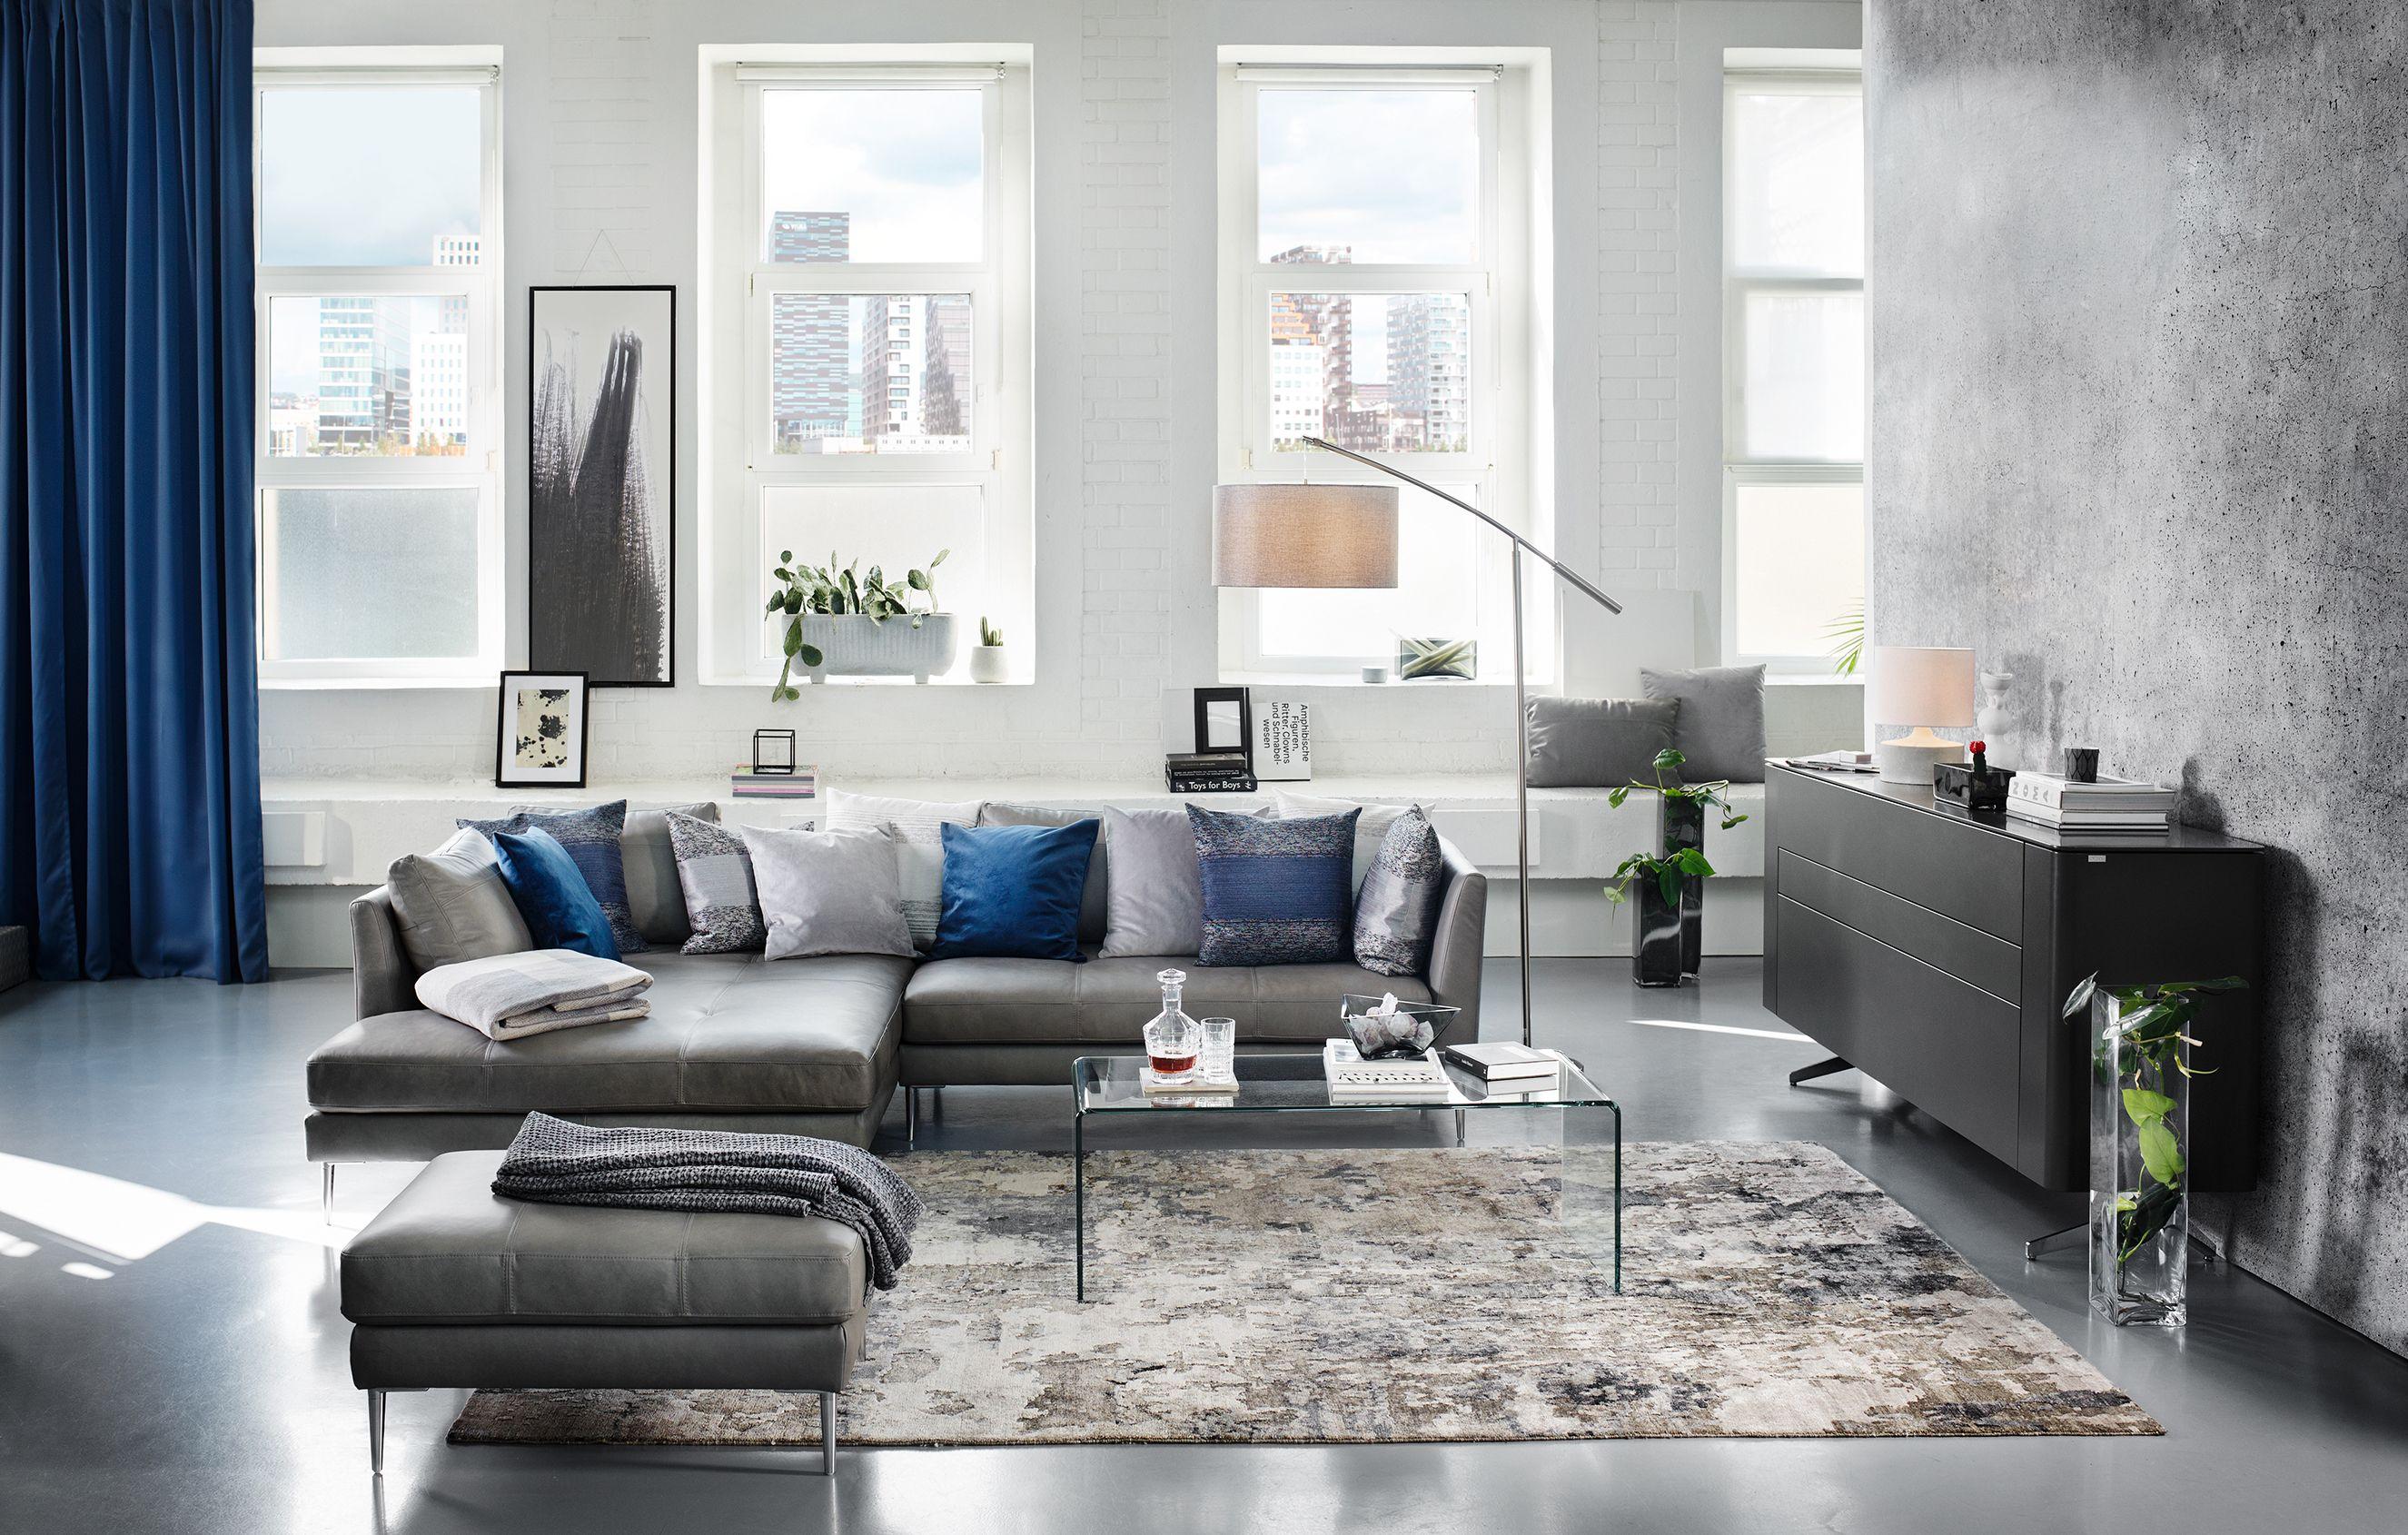 Entzuckend Modernes Wohnzimmer Mit Leder Wohnlandschaft Und Glastisch | Modern Style